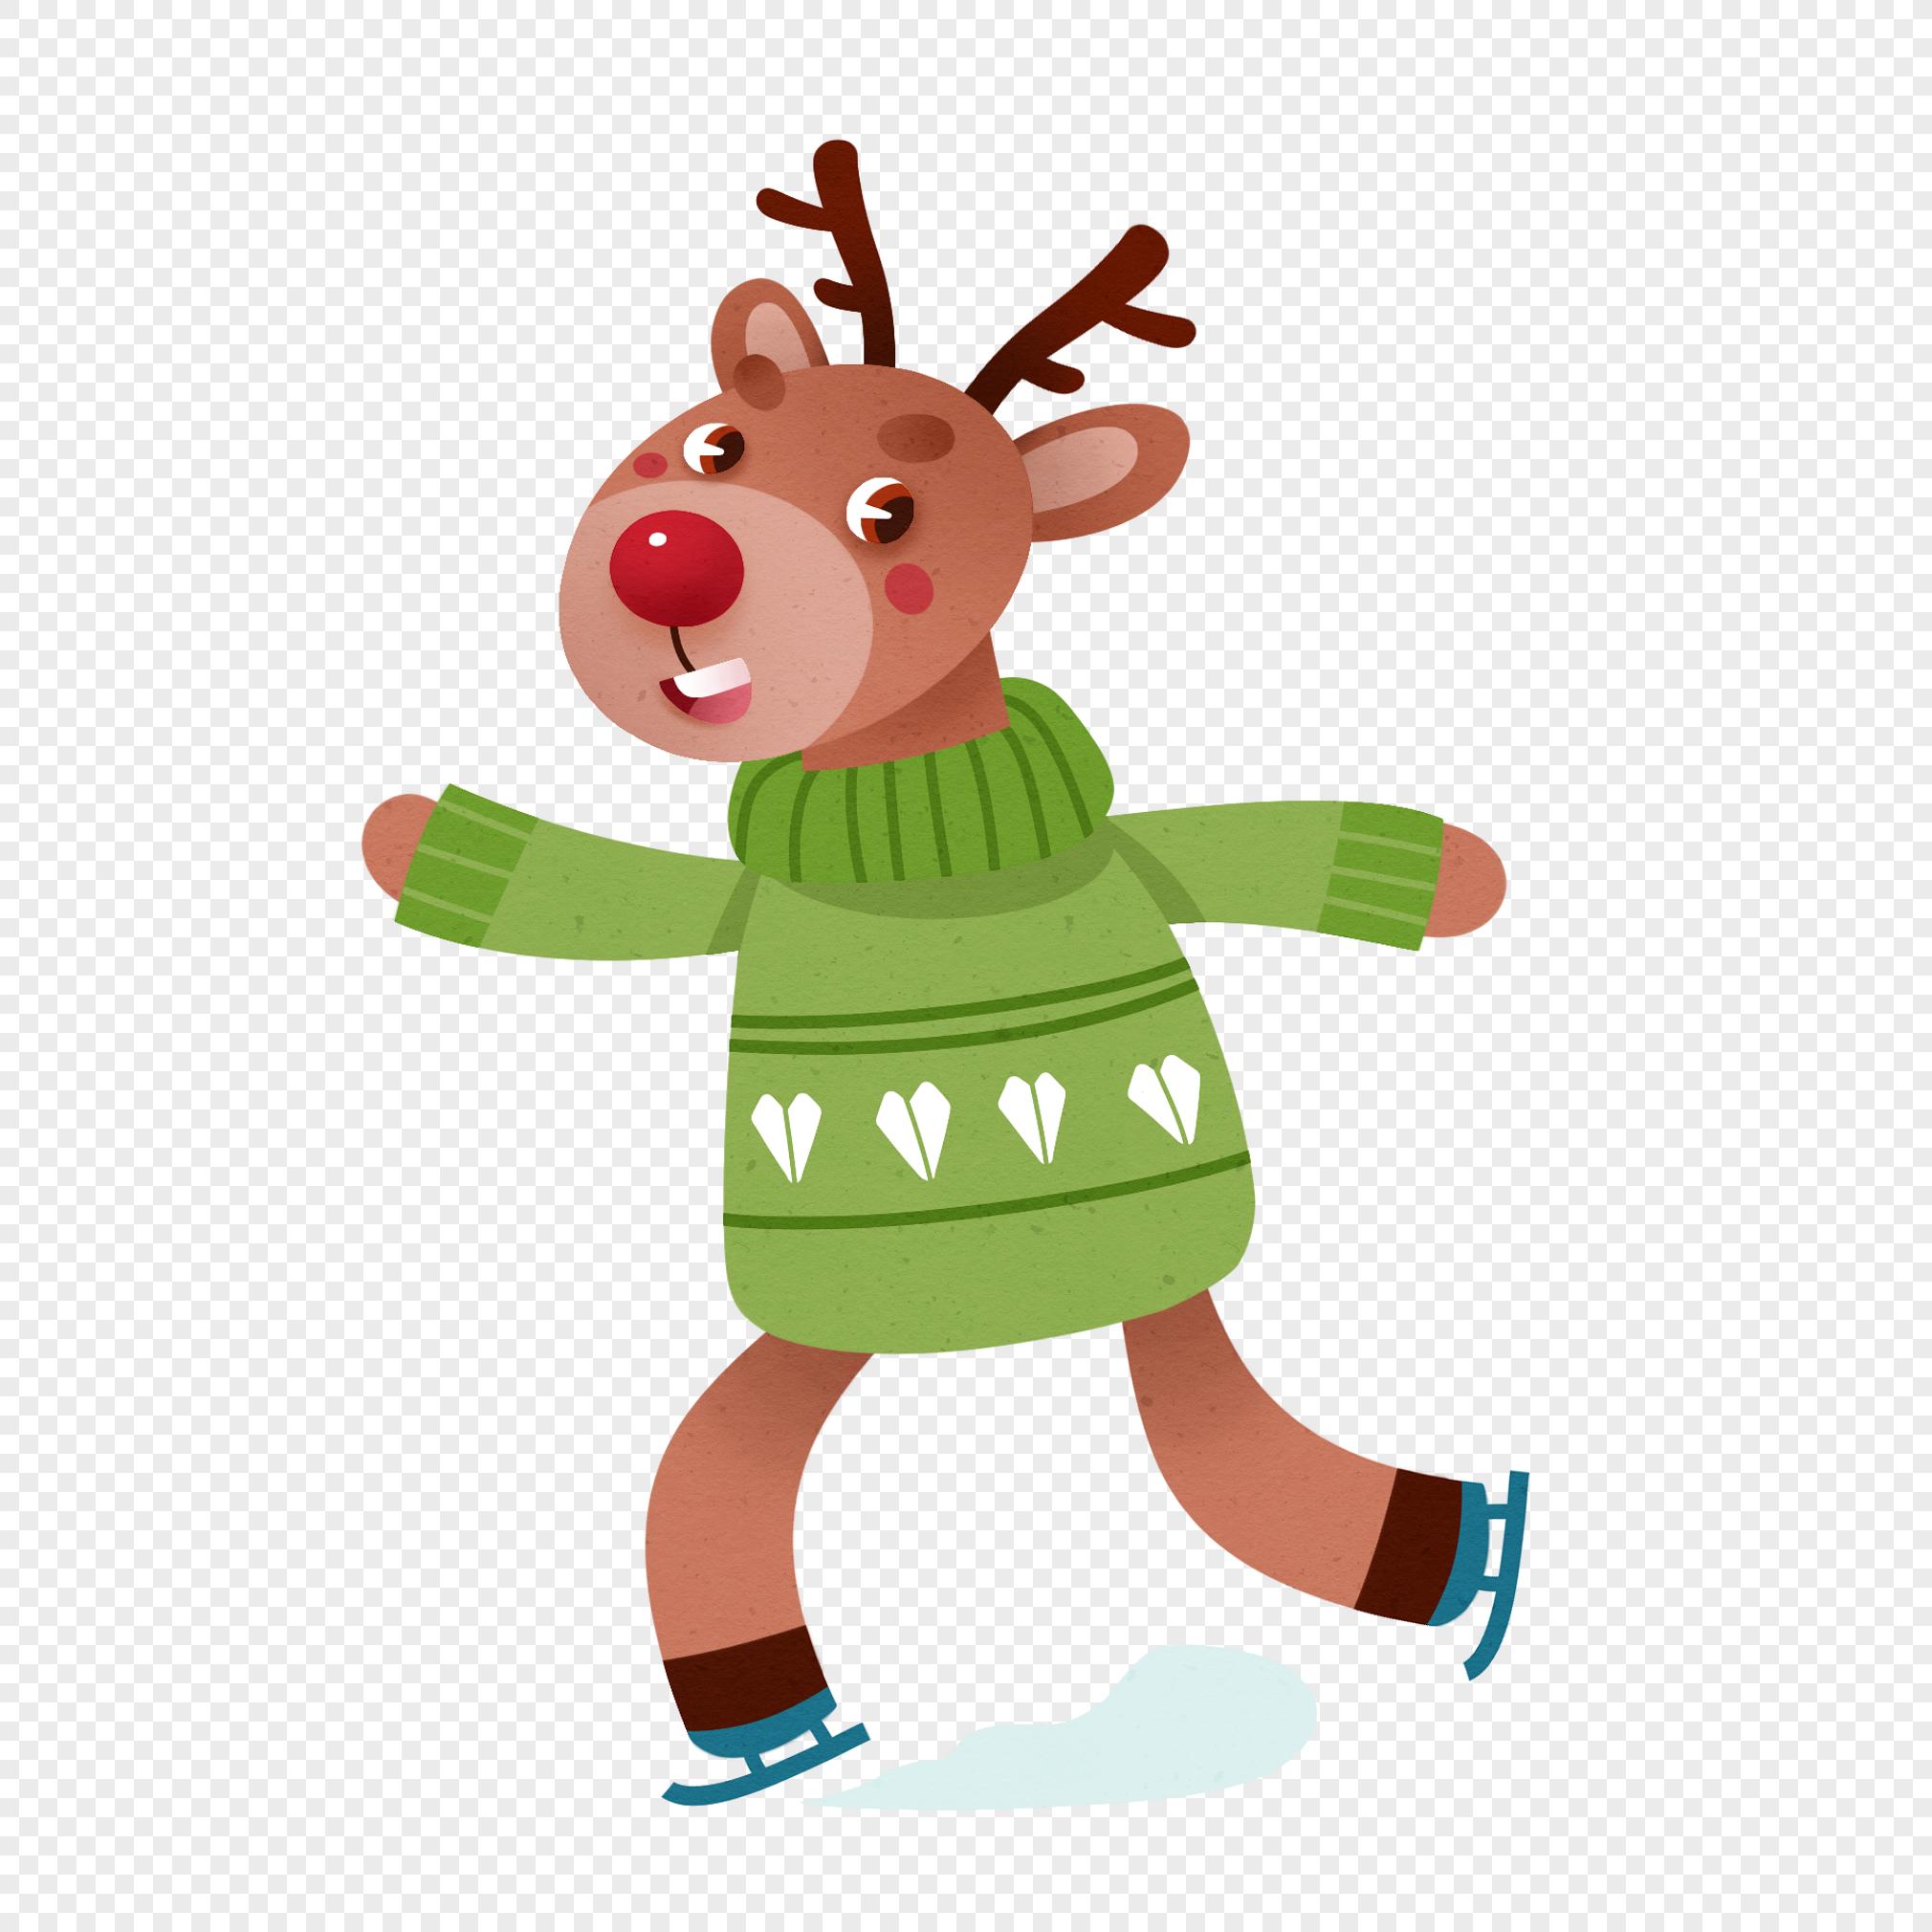 бижутерии красоткой картинки олень в коньках осталось шоке